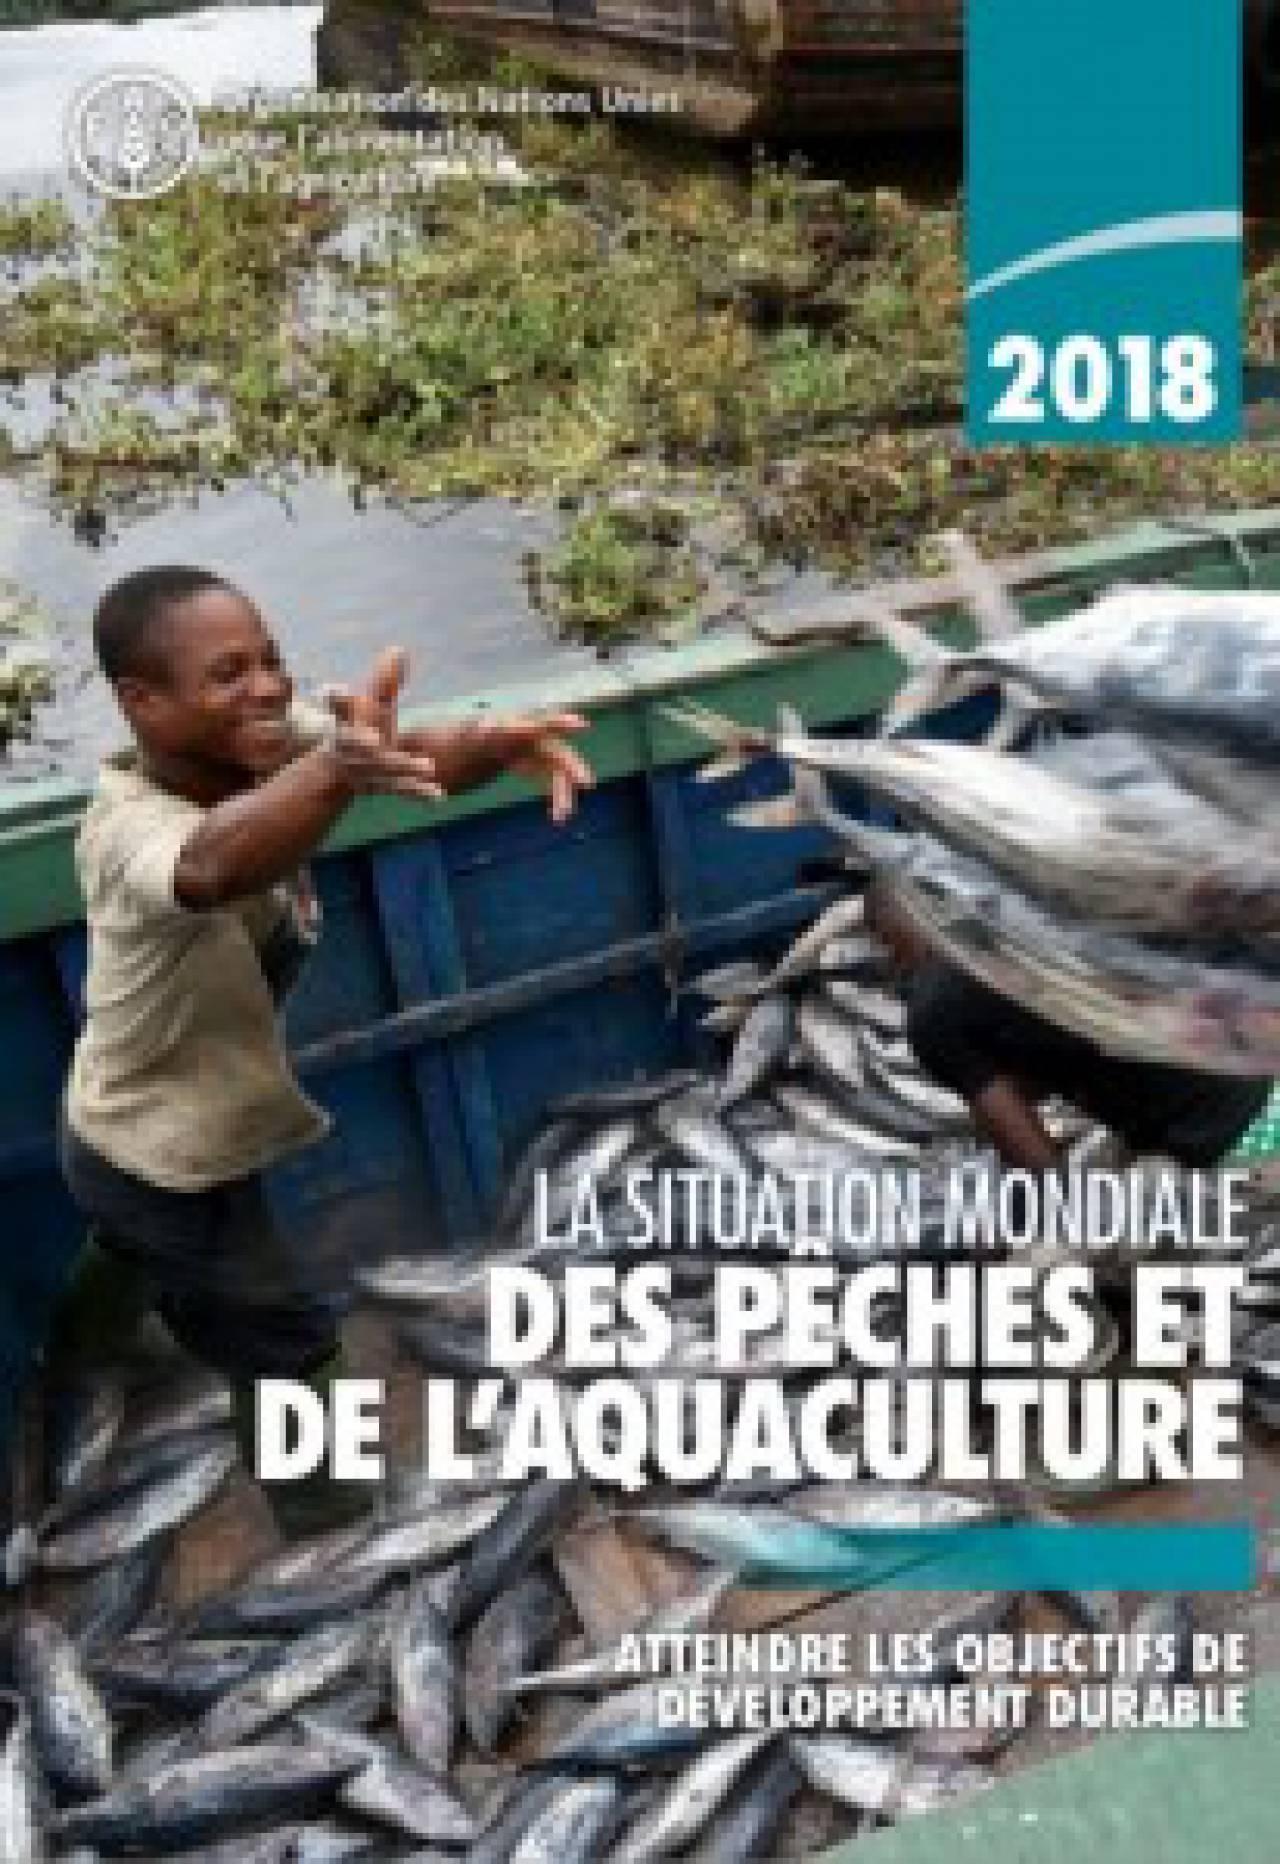 La situation mondiale des pêches et de l'aquaculture